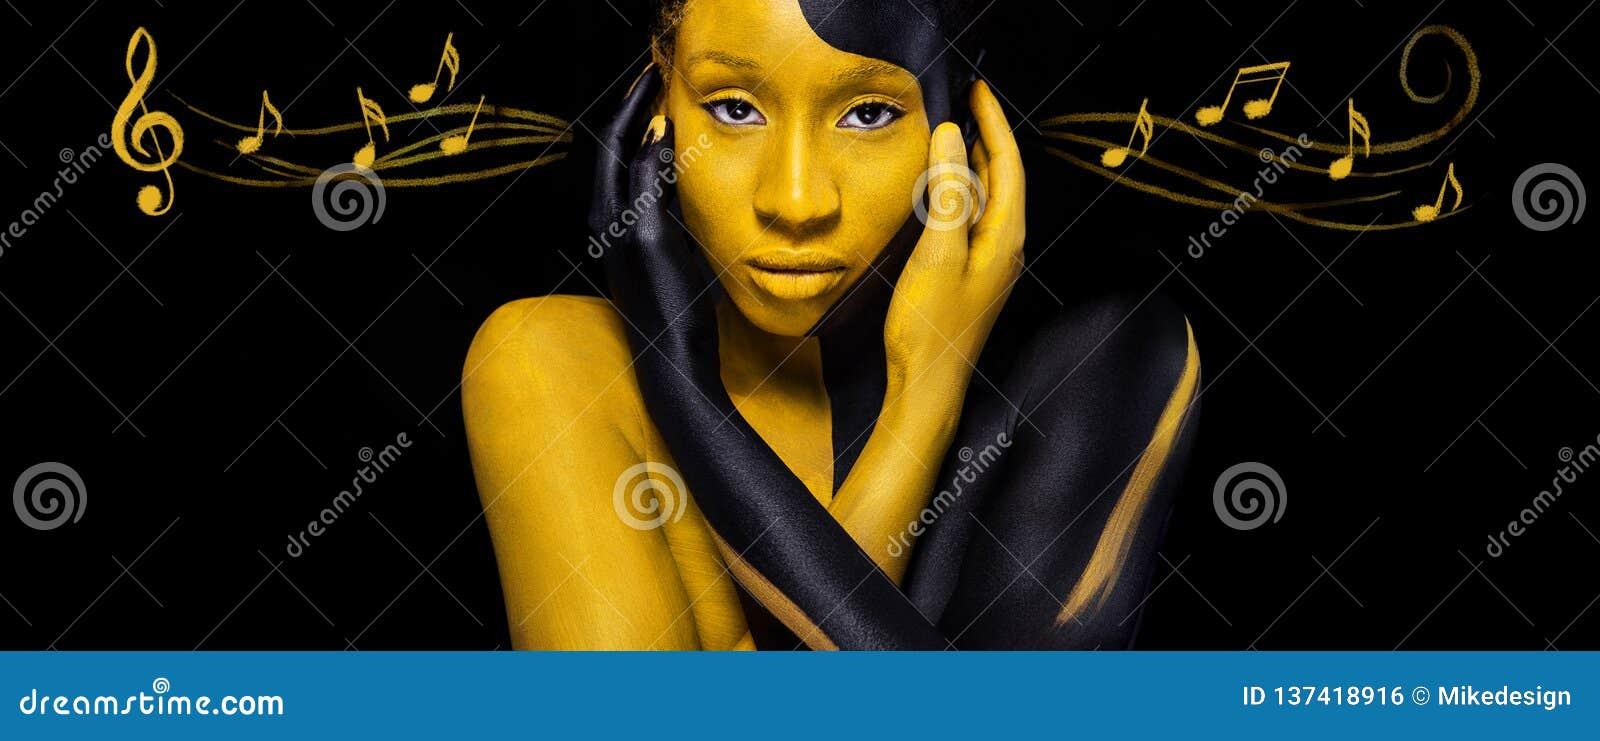 Vrolijke jonge Afrikaanse vrouw met de make-up van de kunstmanier Verbazende vrouw met zwarte en gele make-up en nota s kleurrijk